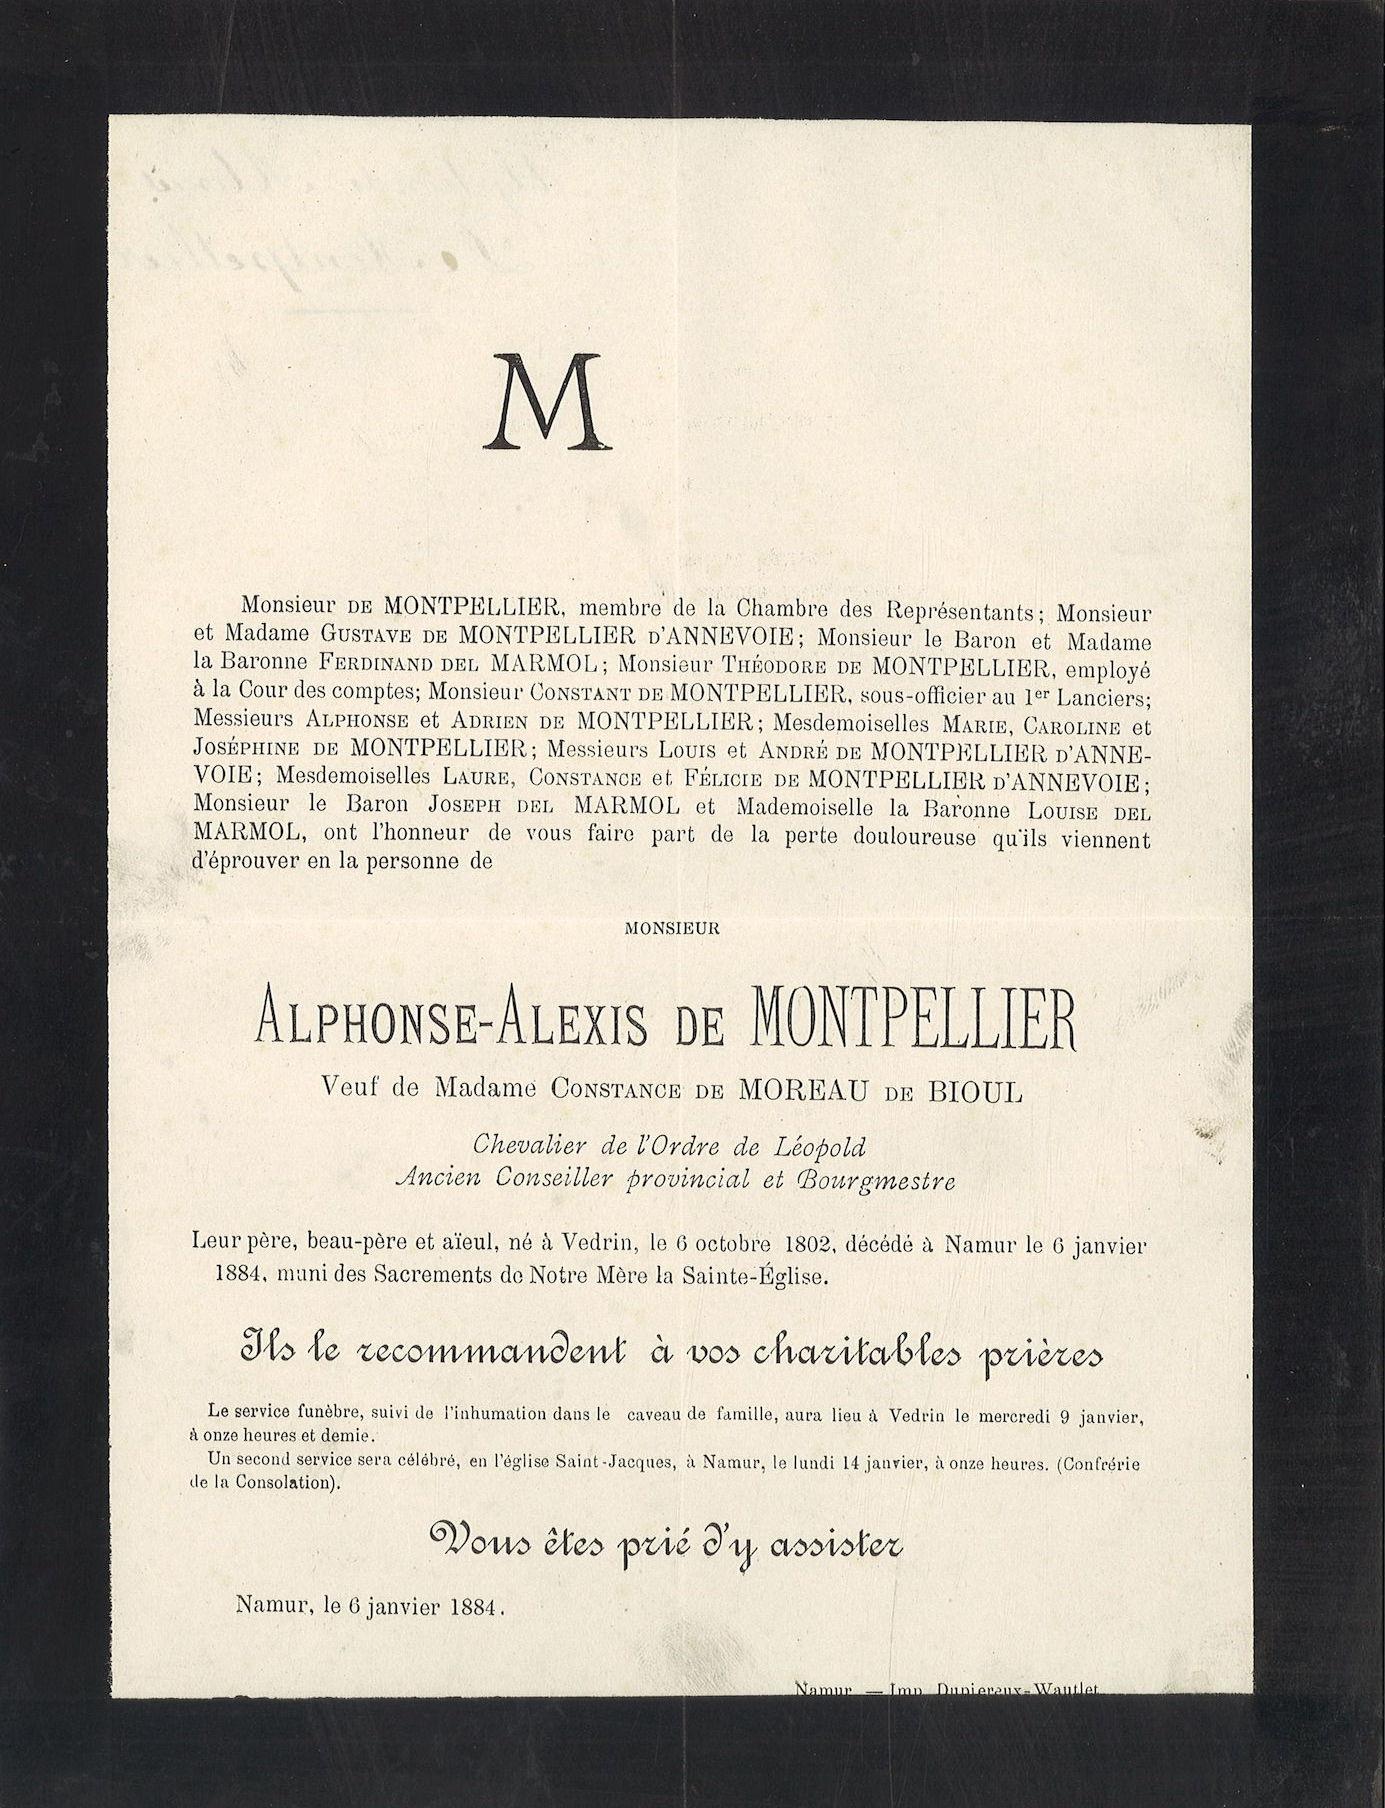 Alphonse-Alexis de Montpellier